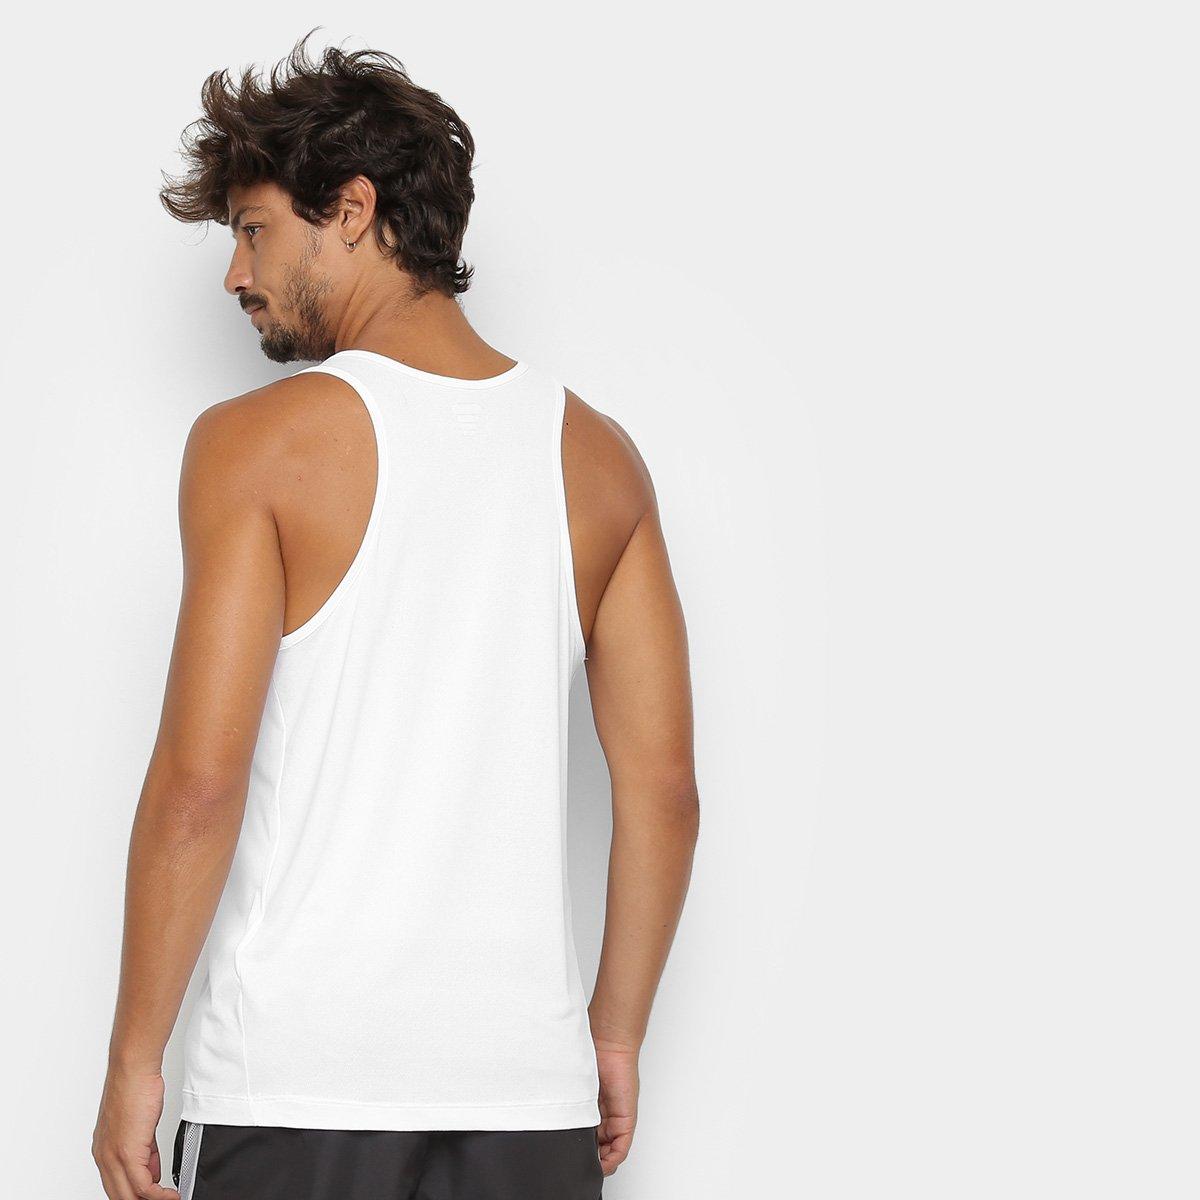 Regata Fila Match III Masculina - Preto e Branco - Compre Agora ... f09b7964be7